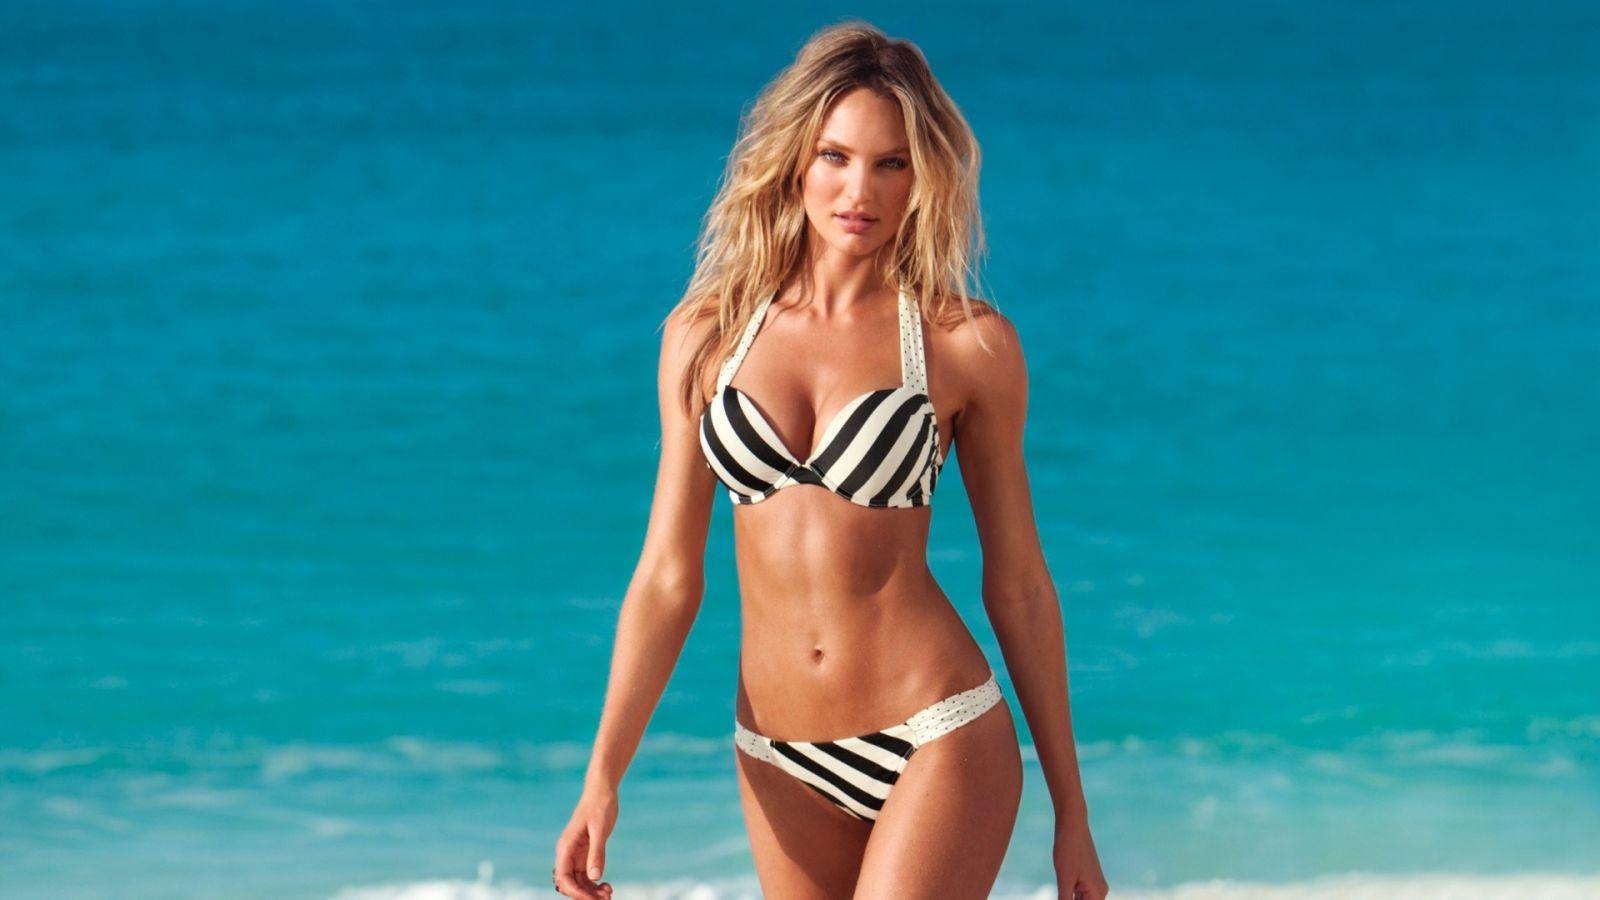 Как стать моделью: секреты красоты от ангелов Victoria's Secret - фото №1